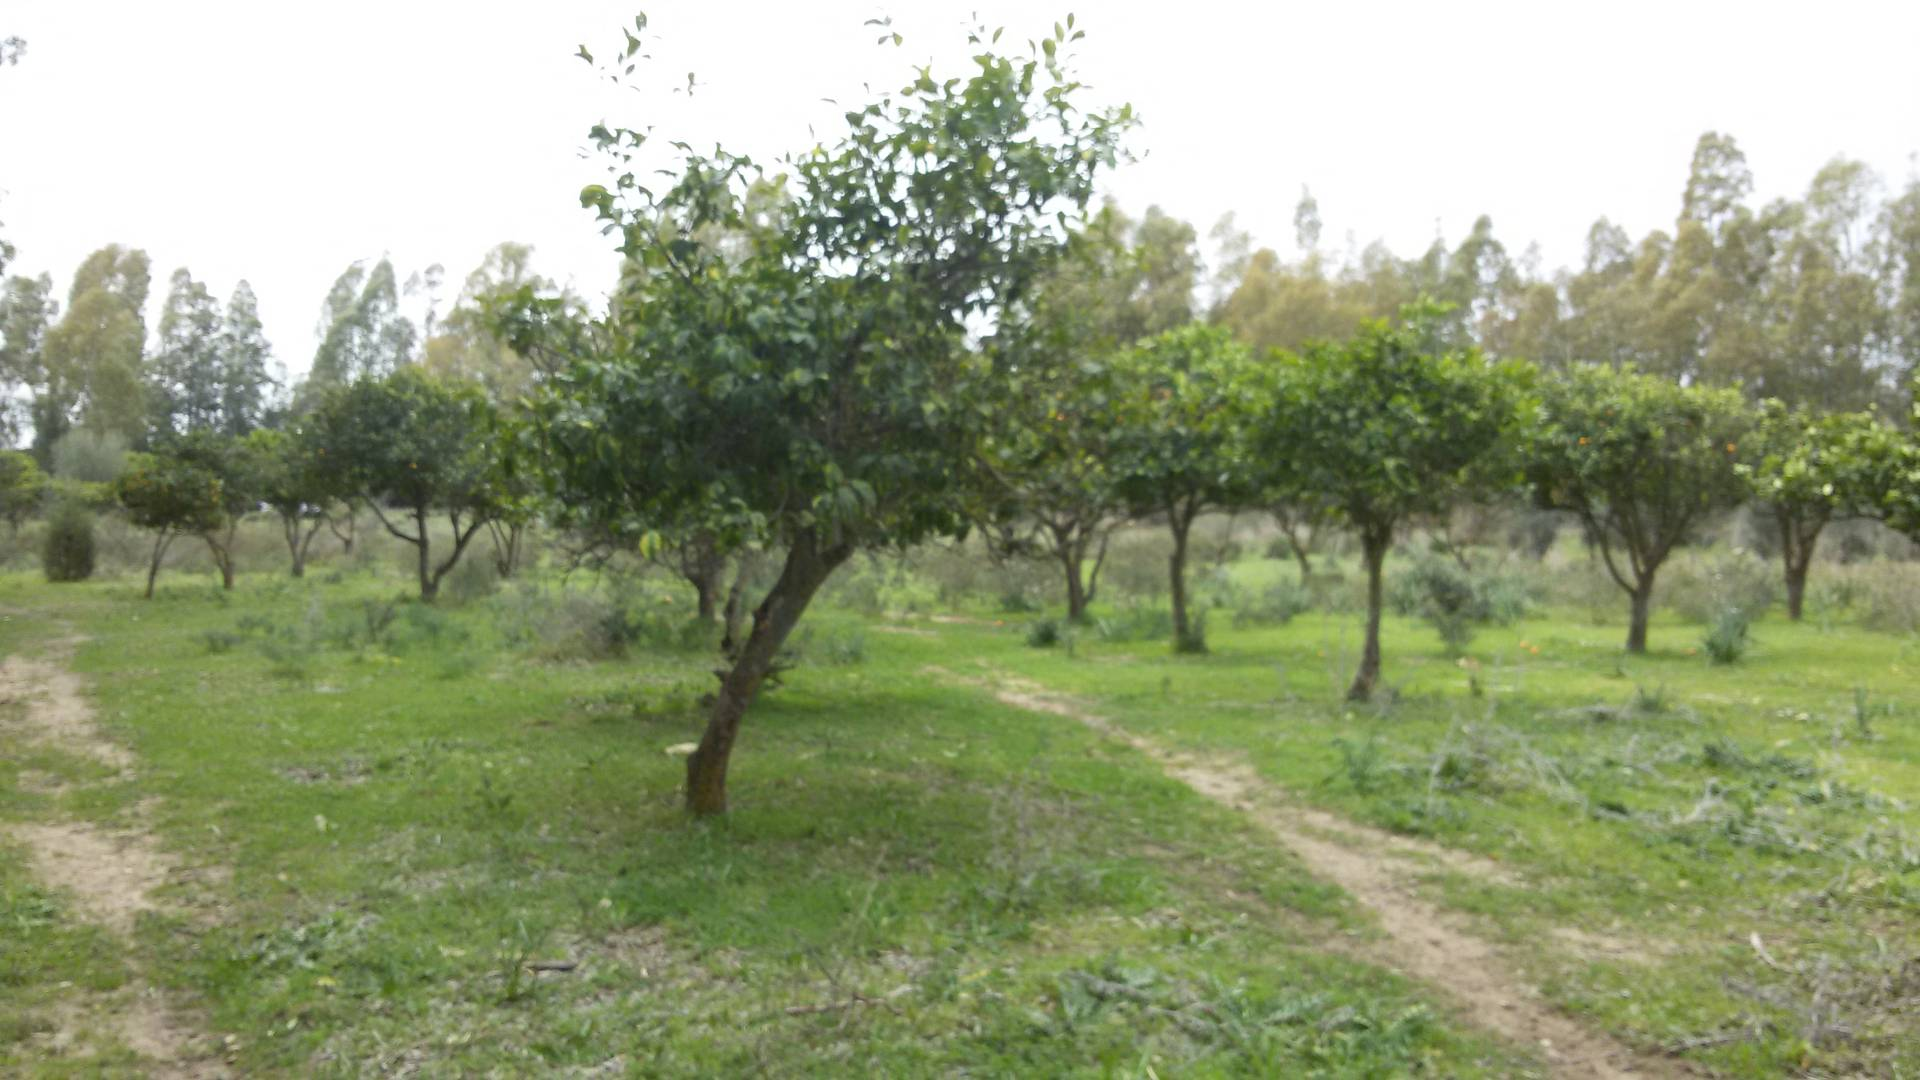 Terreno Agricolo in vendita a Quartucciu, 9999 locali, zona Località: S.Isidoro, prezzo € 132.000 | CambioCasa.it